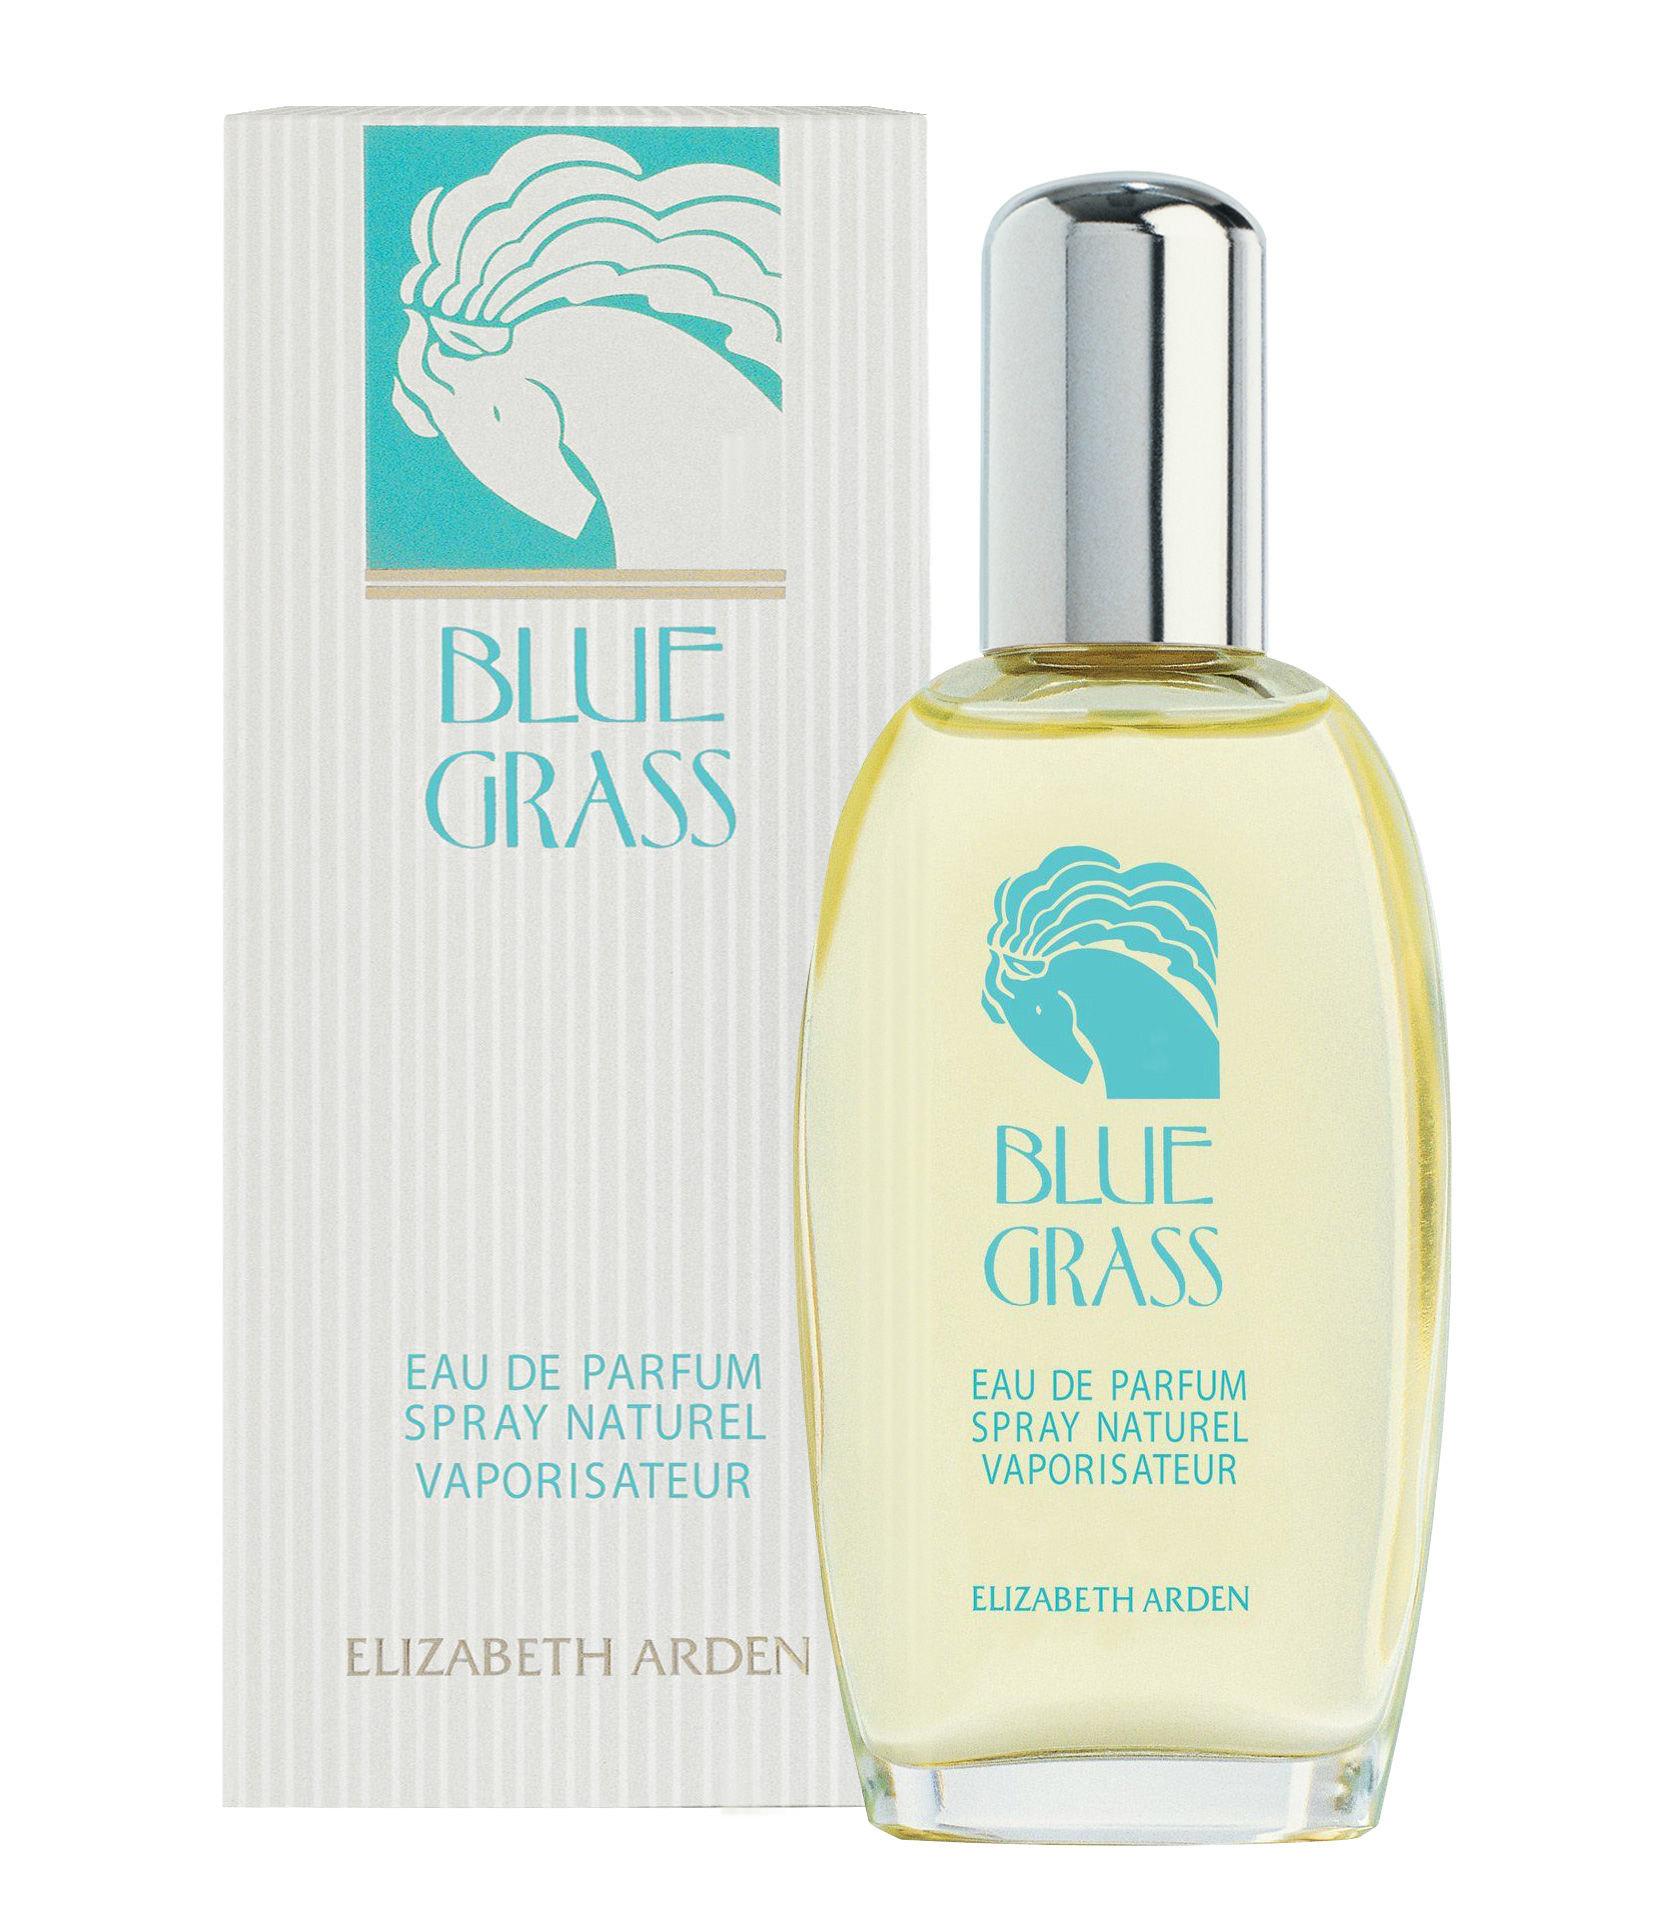 Elizabeth Arden Blue Grass EDP 50ml